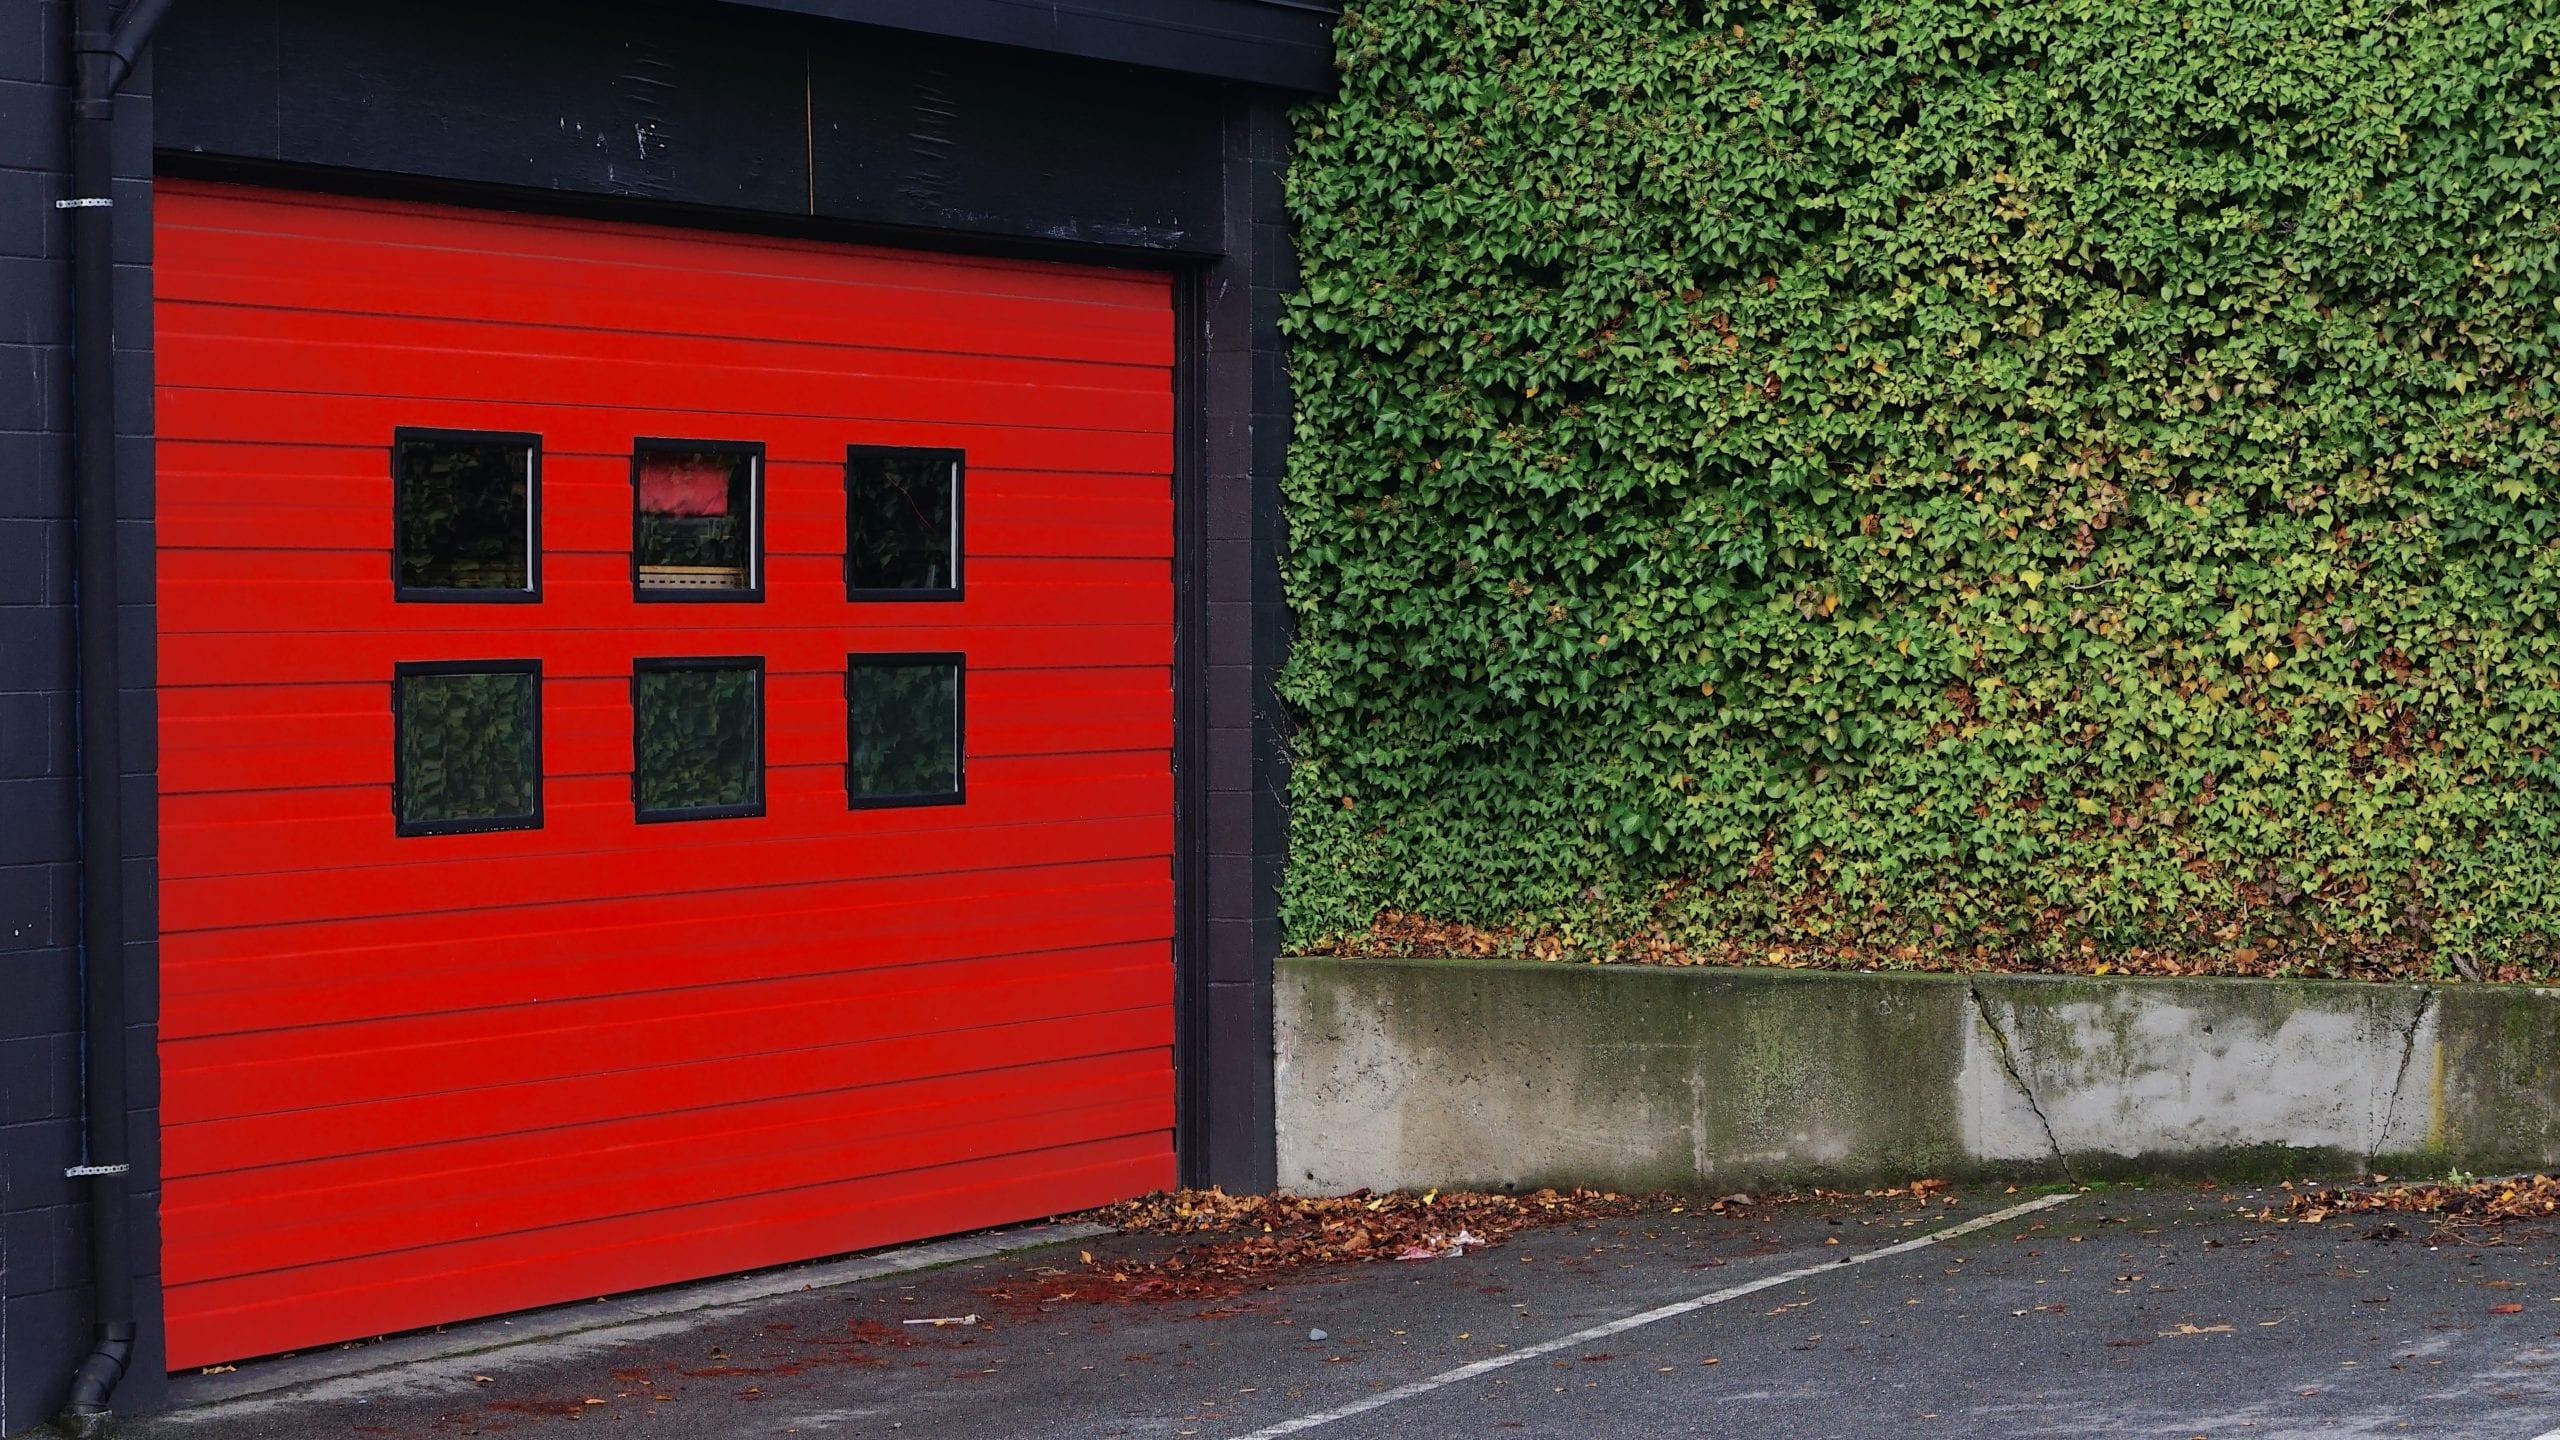 garage-door-sizes-image